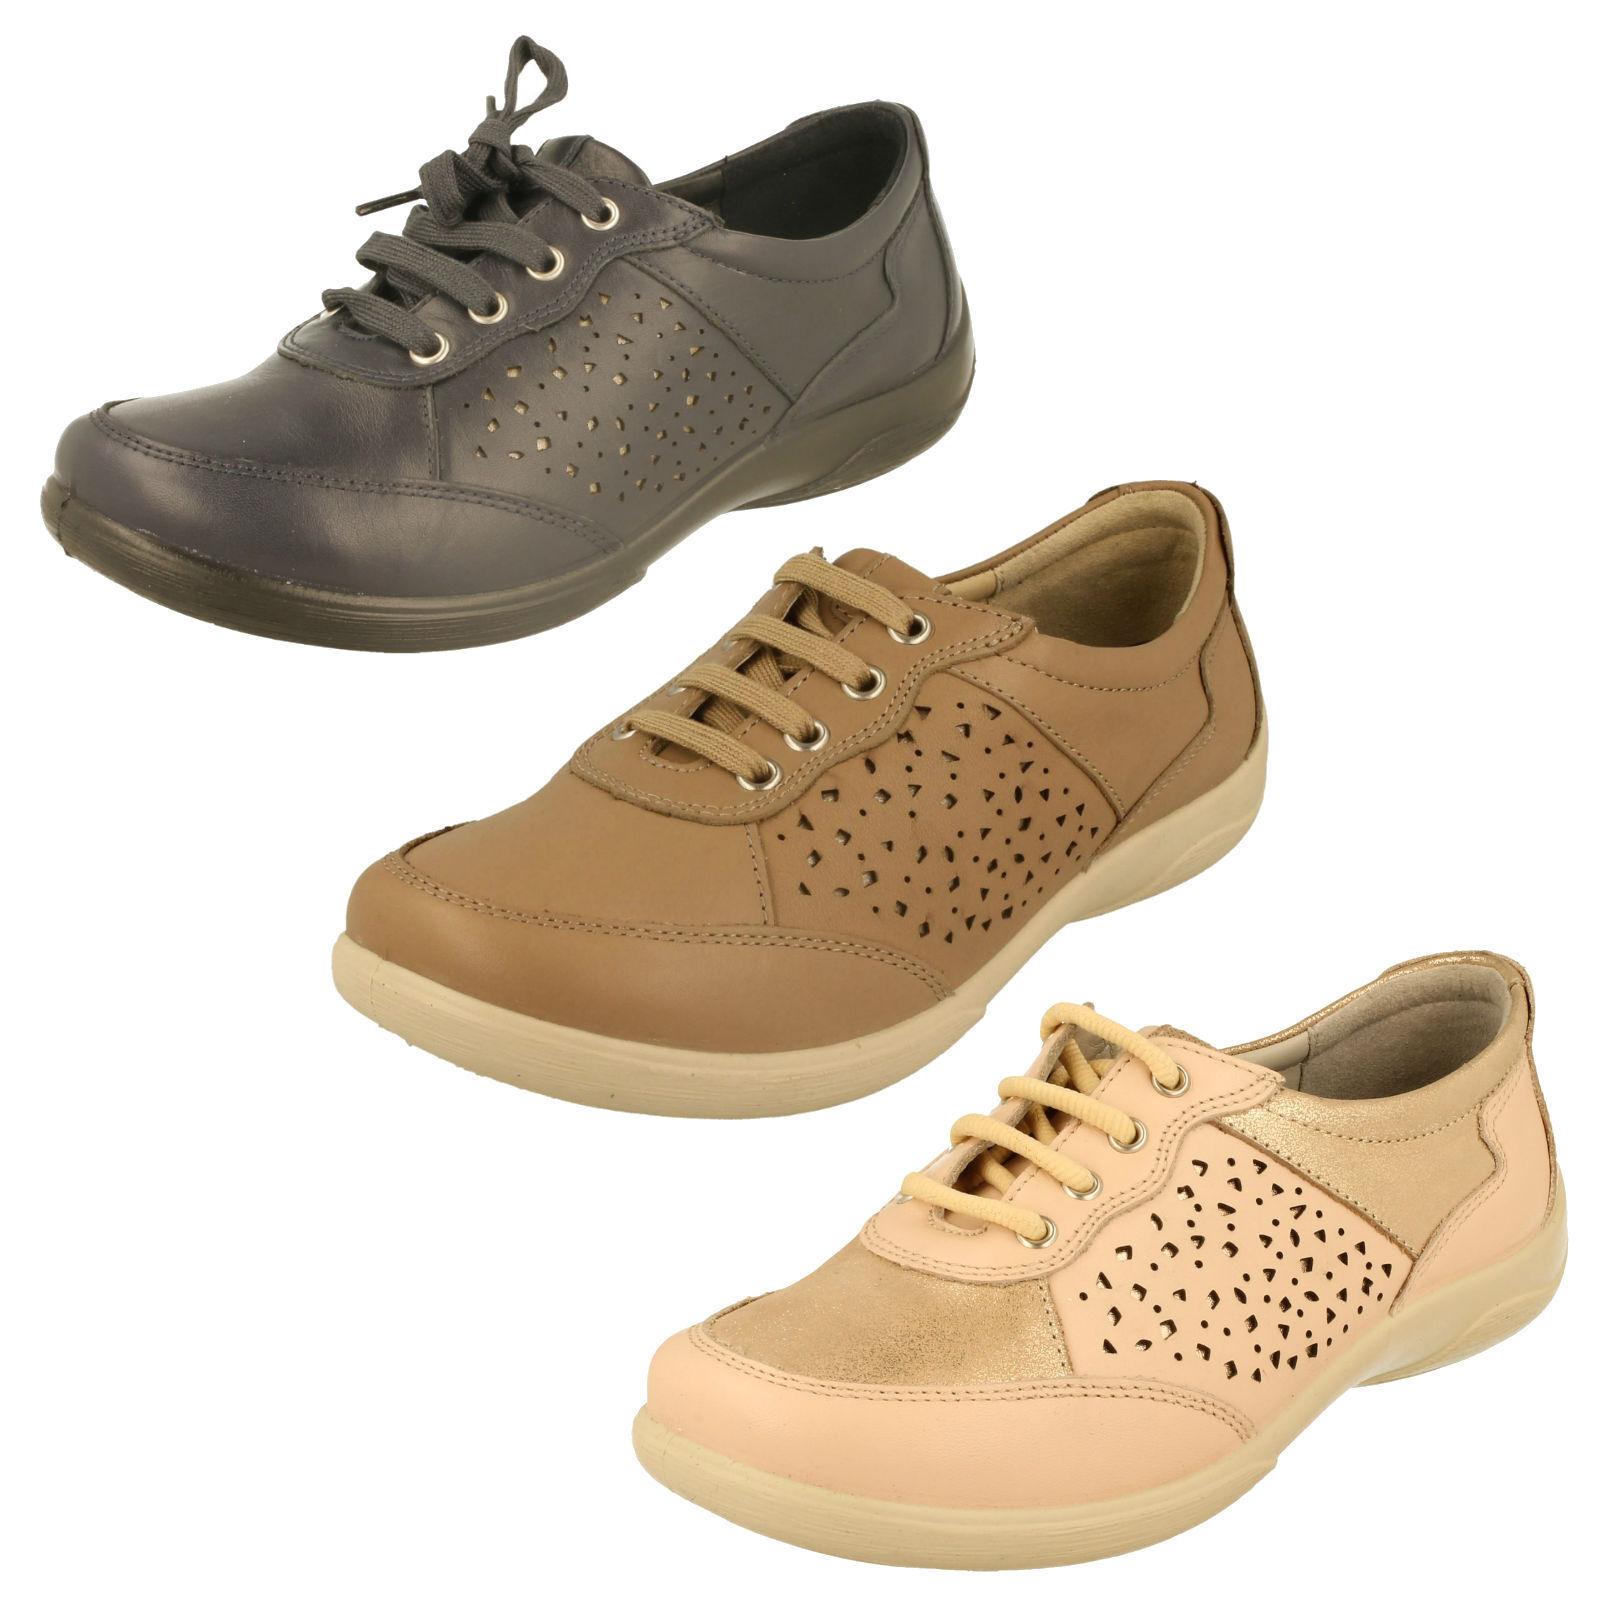 Zapatos casuales salvajes Descuento por tiempo limitado mujer Padders Zapatos Con Cordones - Arpa